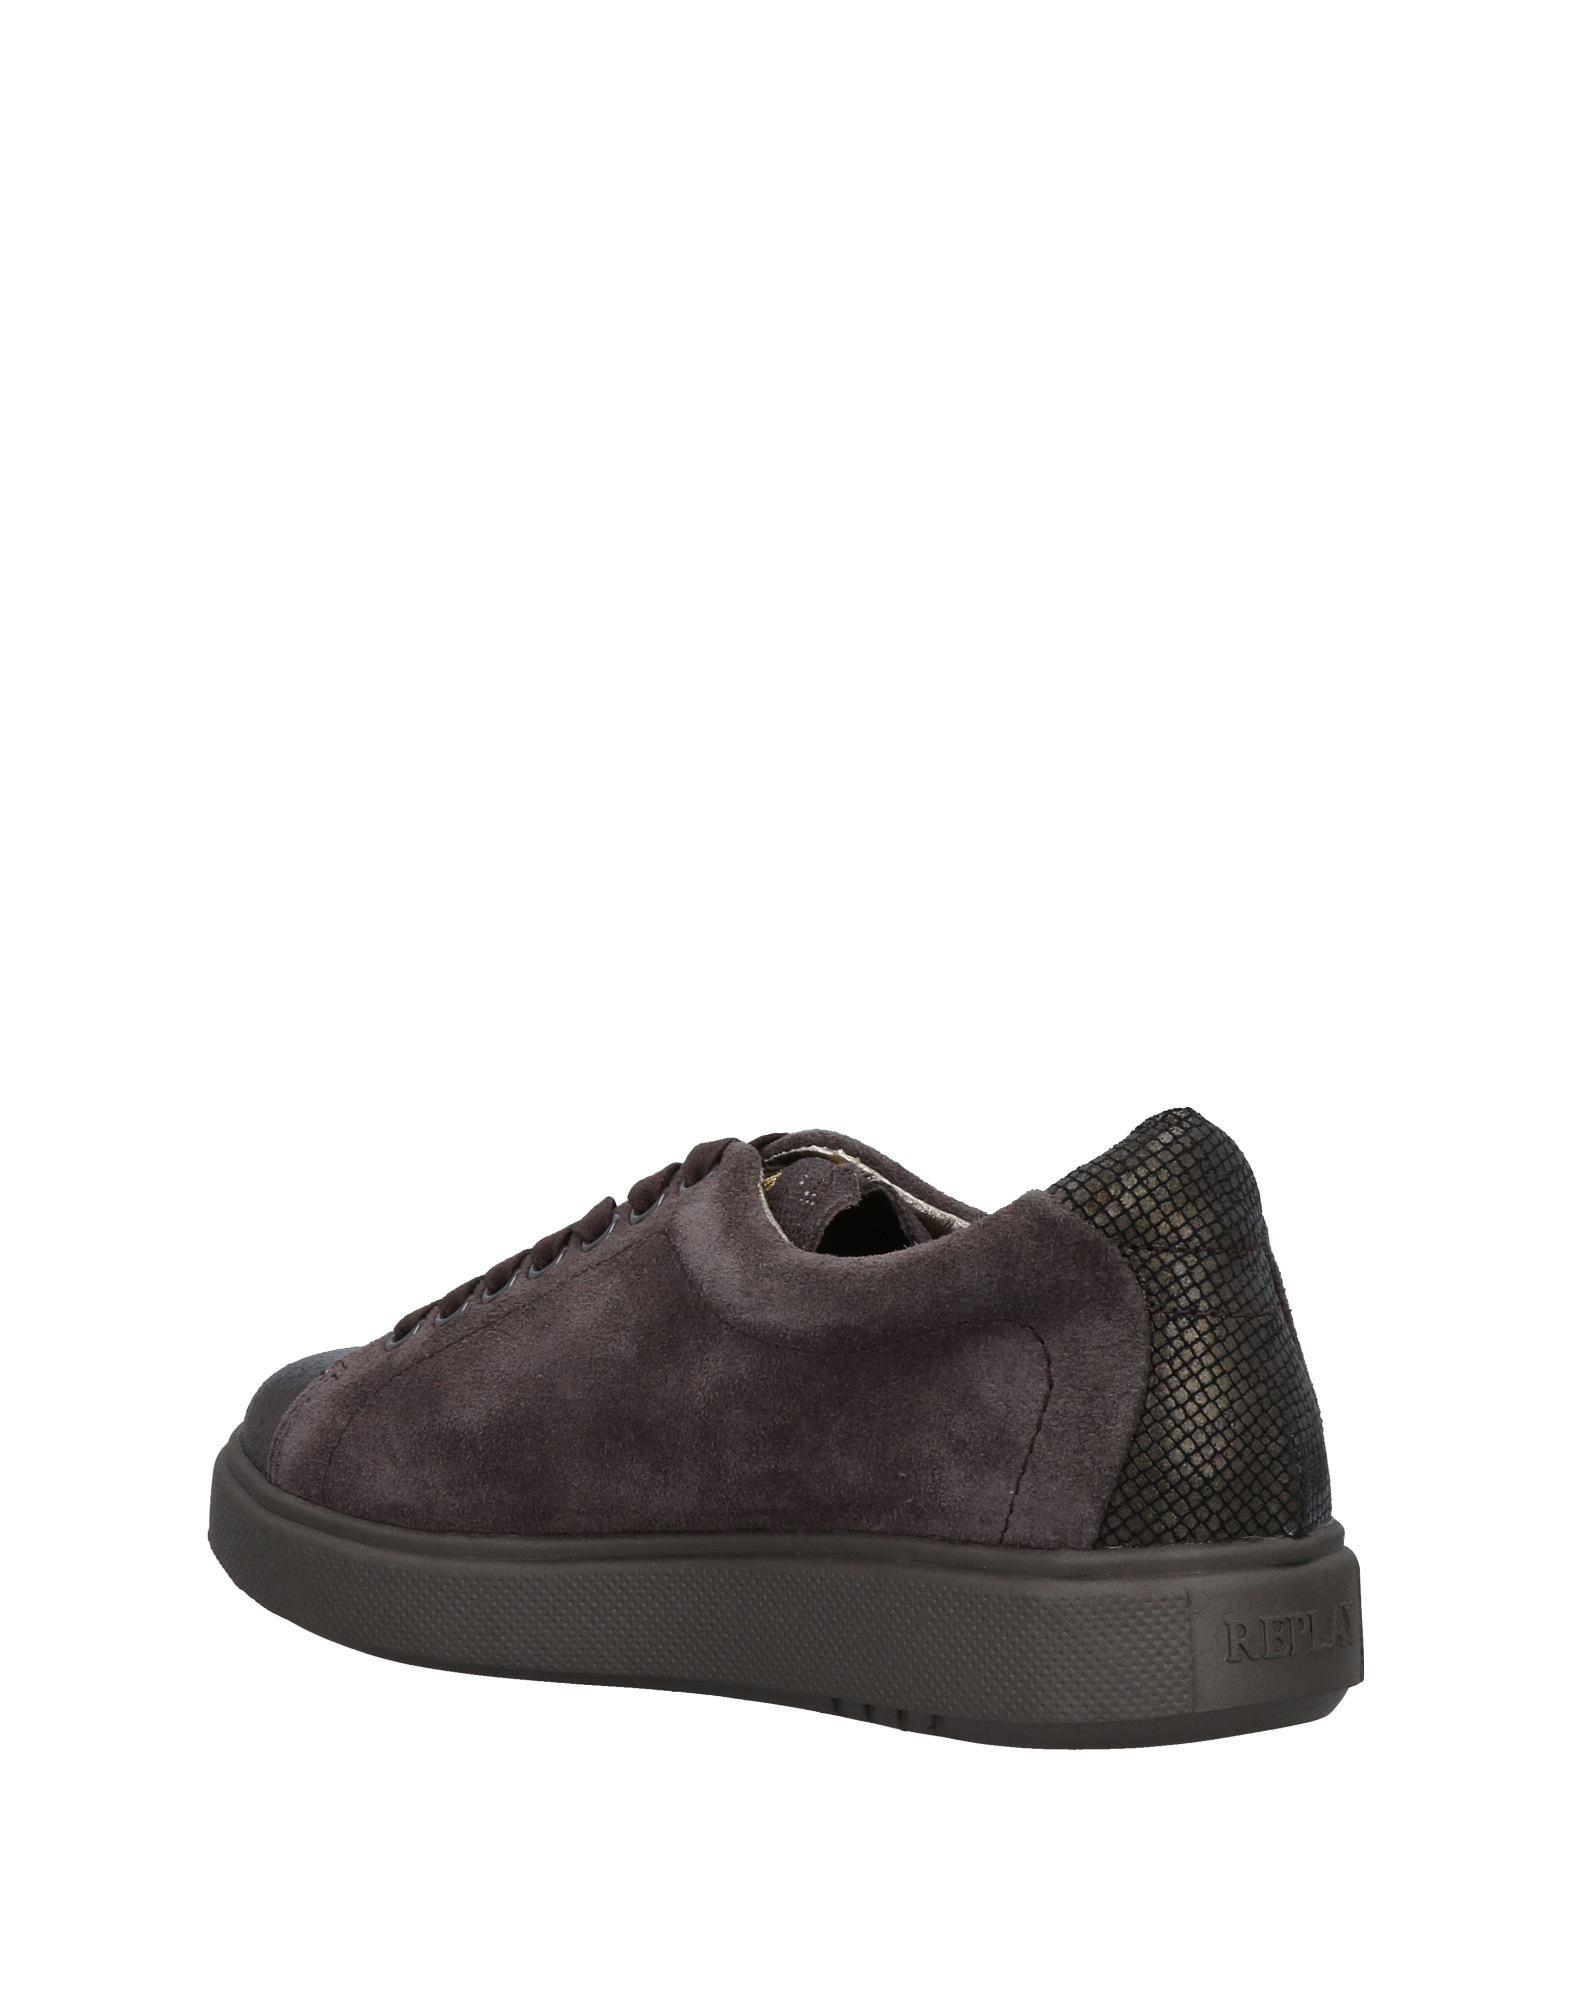 Replay Sneakers Damen  beliebte 11493692IL Gute Qualität beliebte  Schuhe a5bf6a